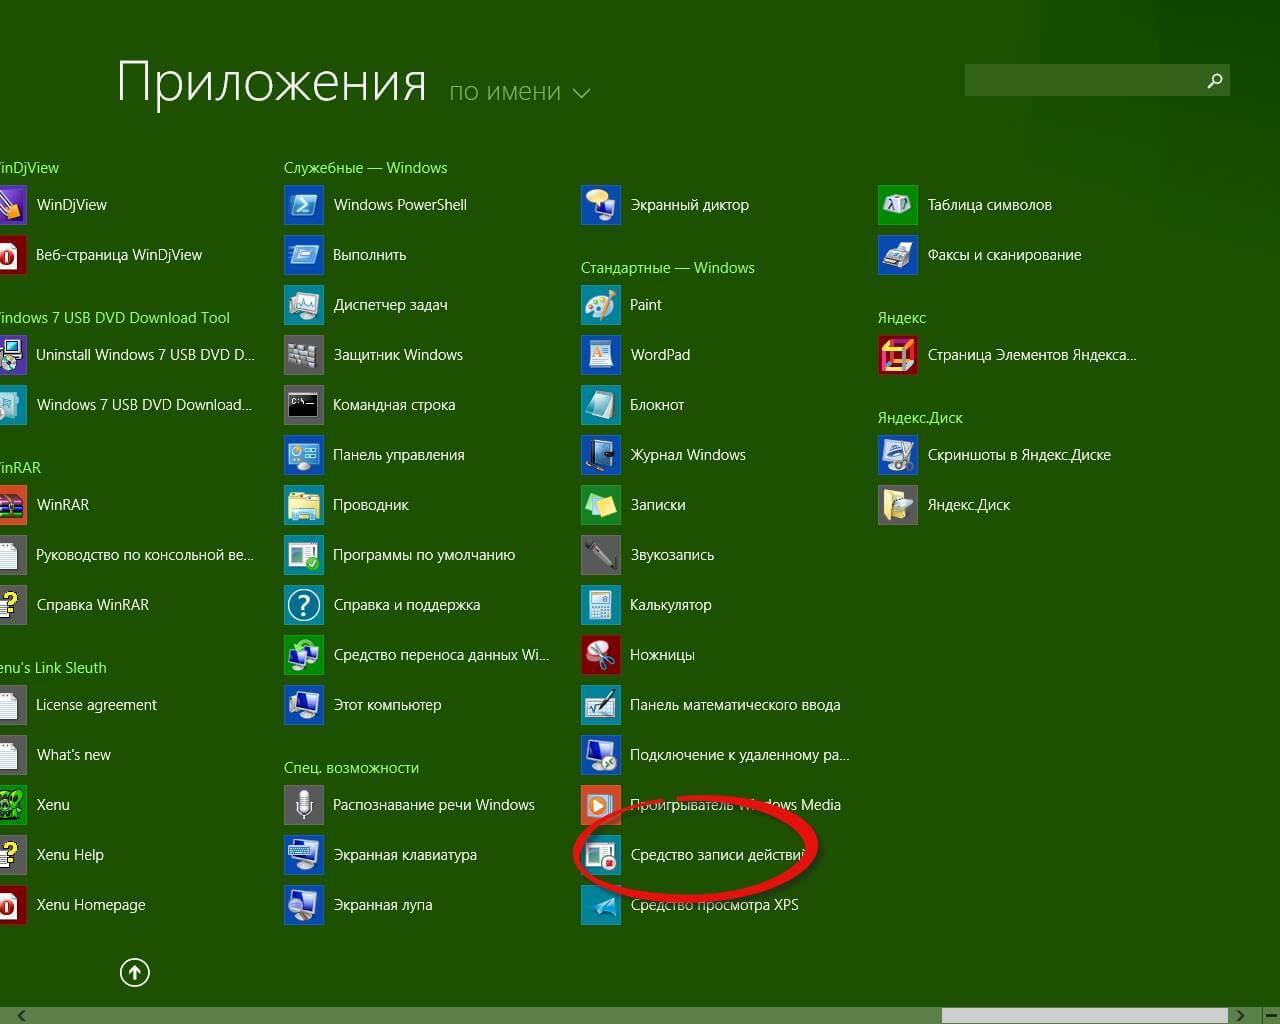 Средство записи действий в Windows 8-8.1-02